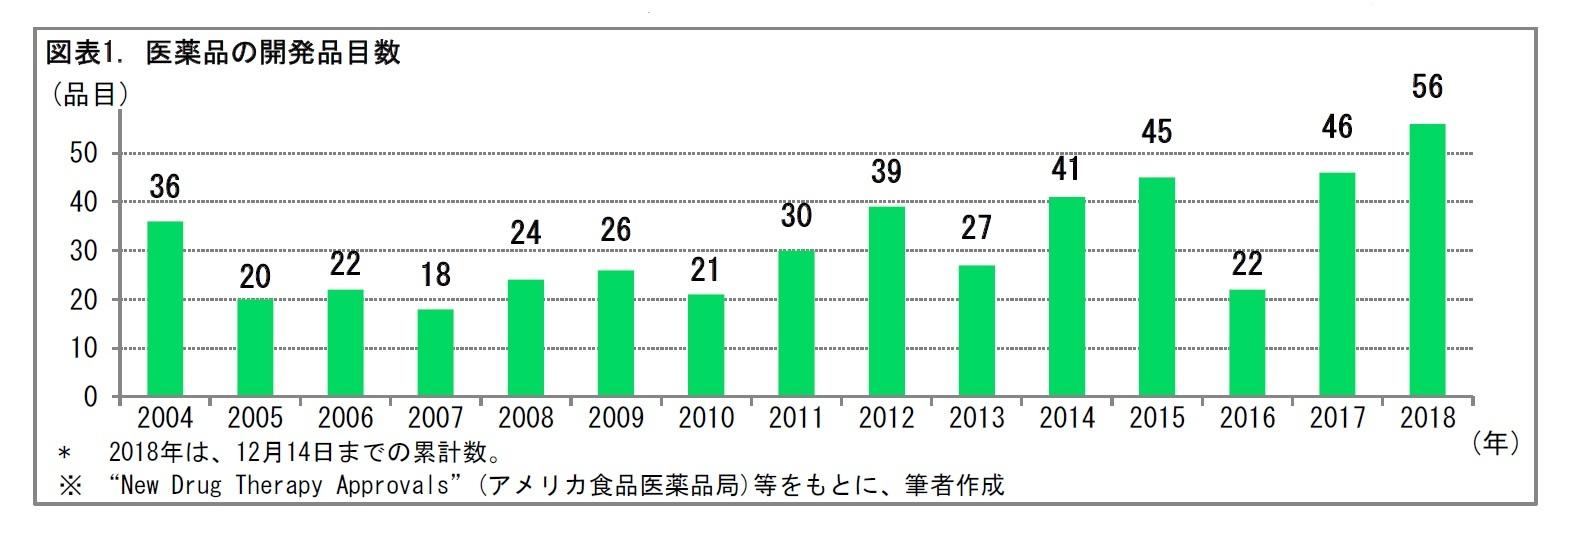 図表1. 医薬品の開発品目数